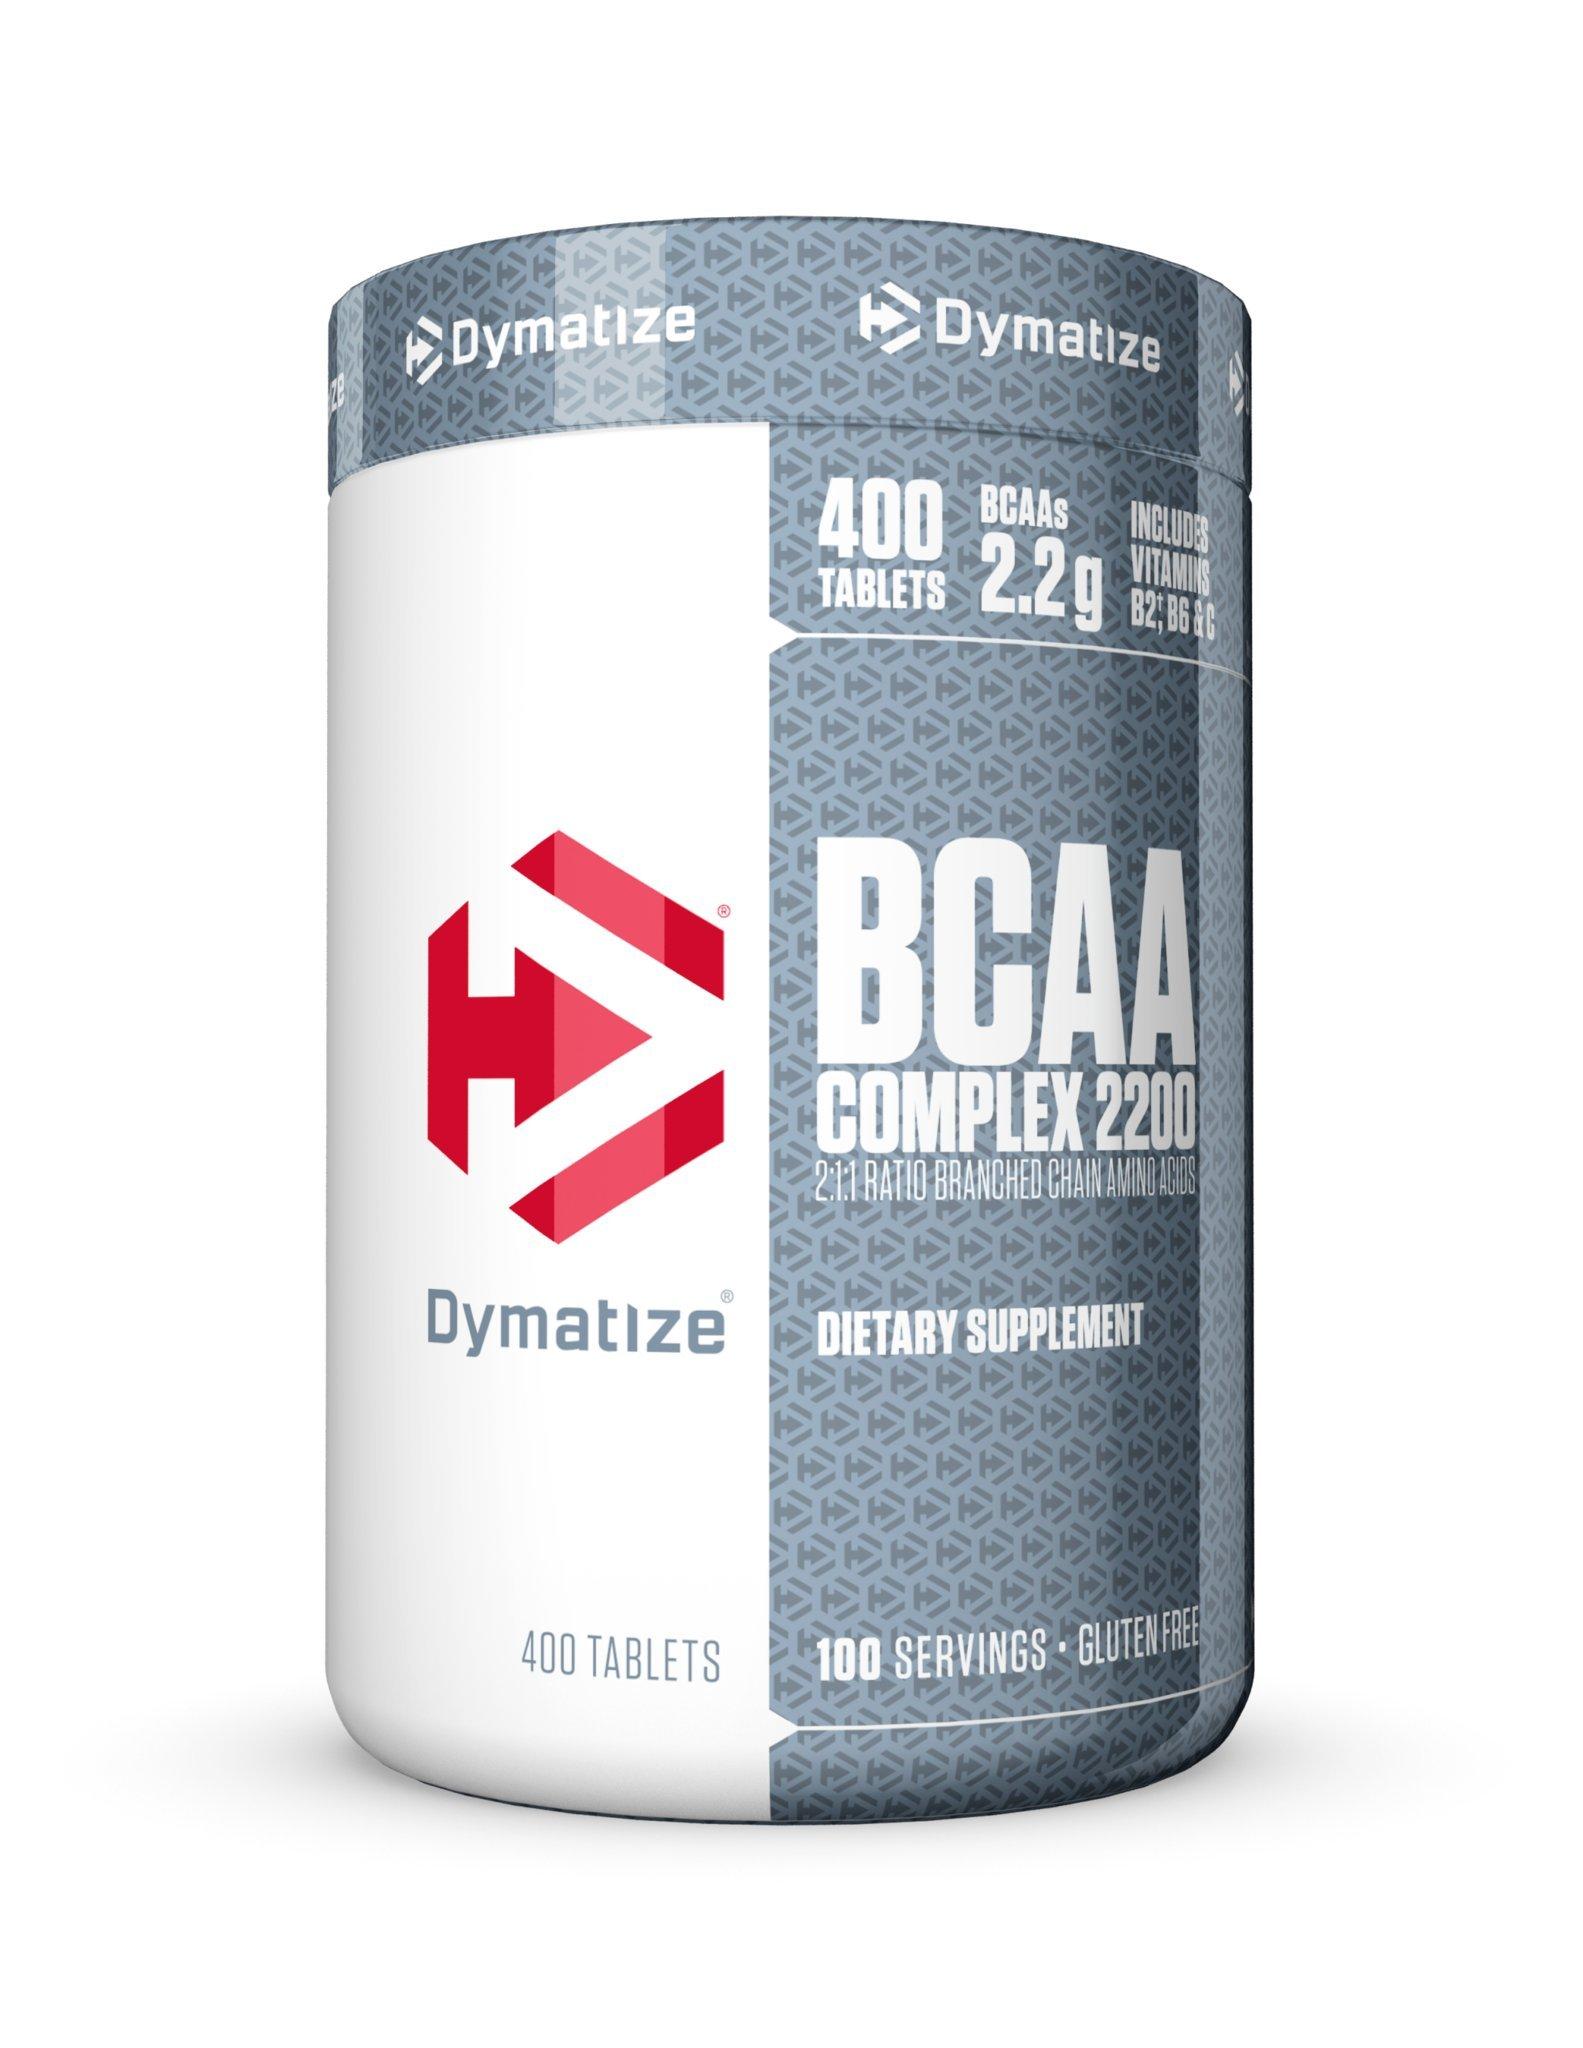 Dymatize BCAA Complex 2200, 400 Caplets